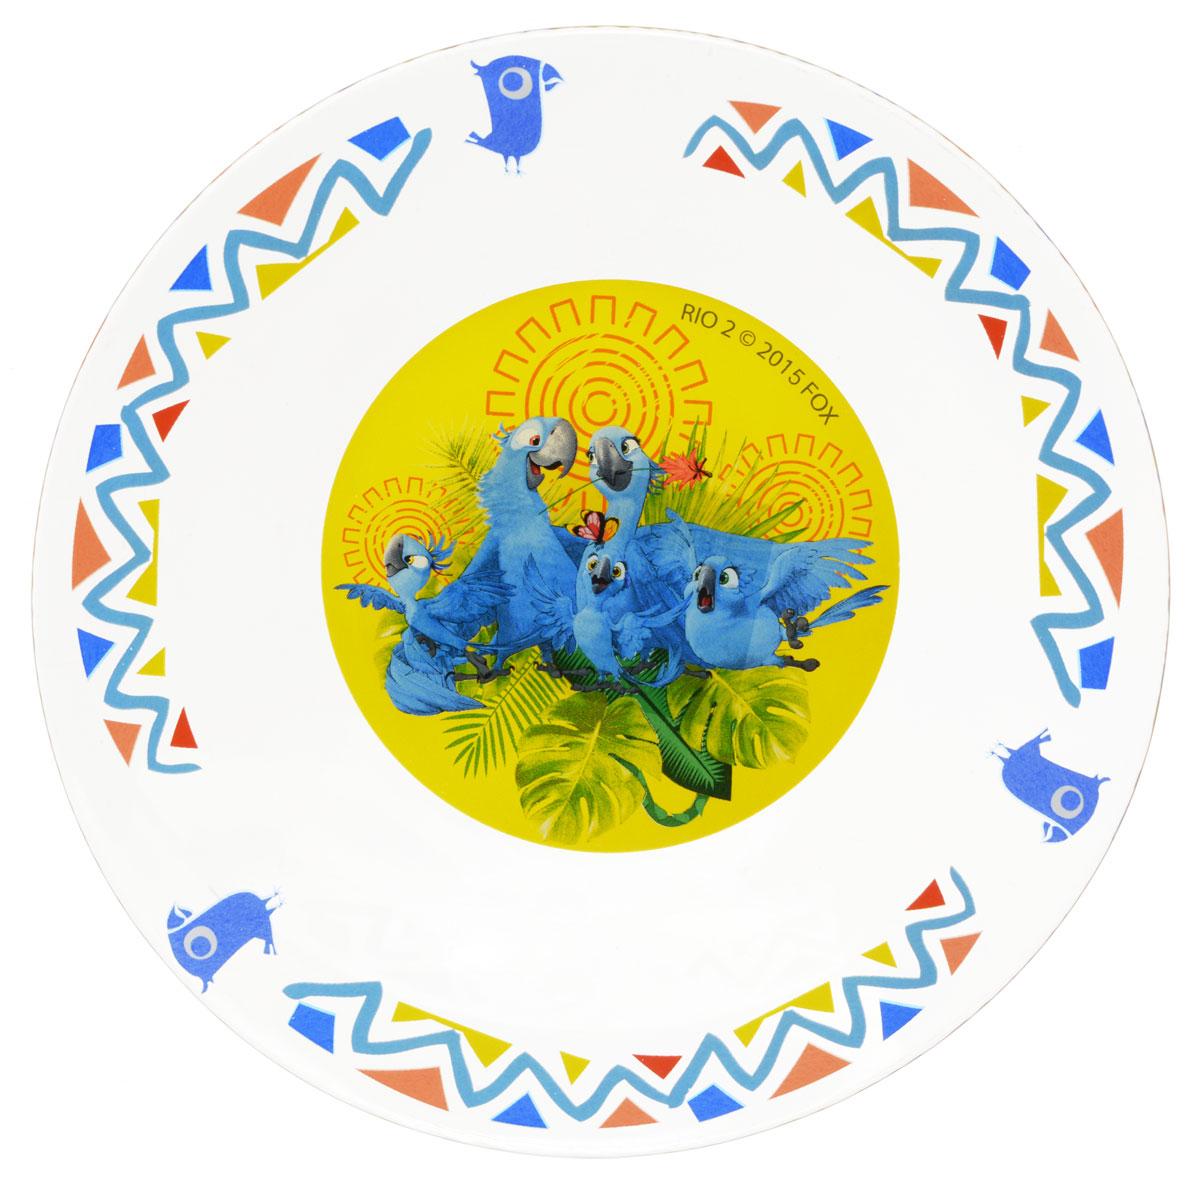 Рио Тарелка детская диаметр 19,5 см11135202Яркая тарелка Рио идеально подойдет для кормления малыша и самостоятельного приема им пищи. Тарелка выполнена из стекла и оформлена высококачественным изображением героев мультфильма Рио-2. Такой подарок станет не только приятным, но и практичным сувениром, добавит ярких эмоций вашему ребенку! Не подходит для использования в посудомоечной машине.